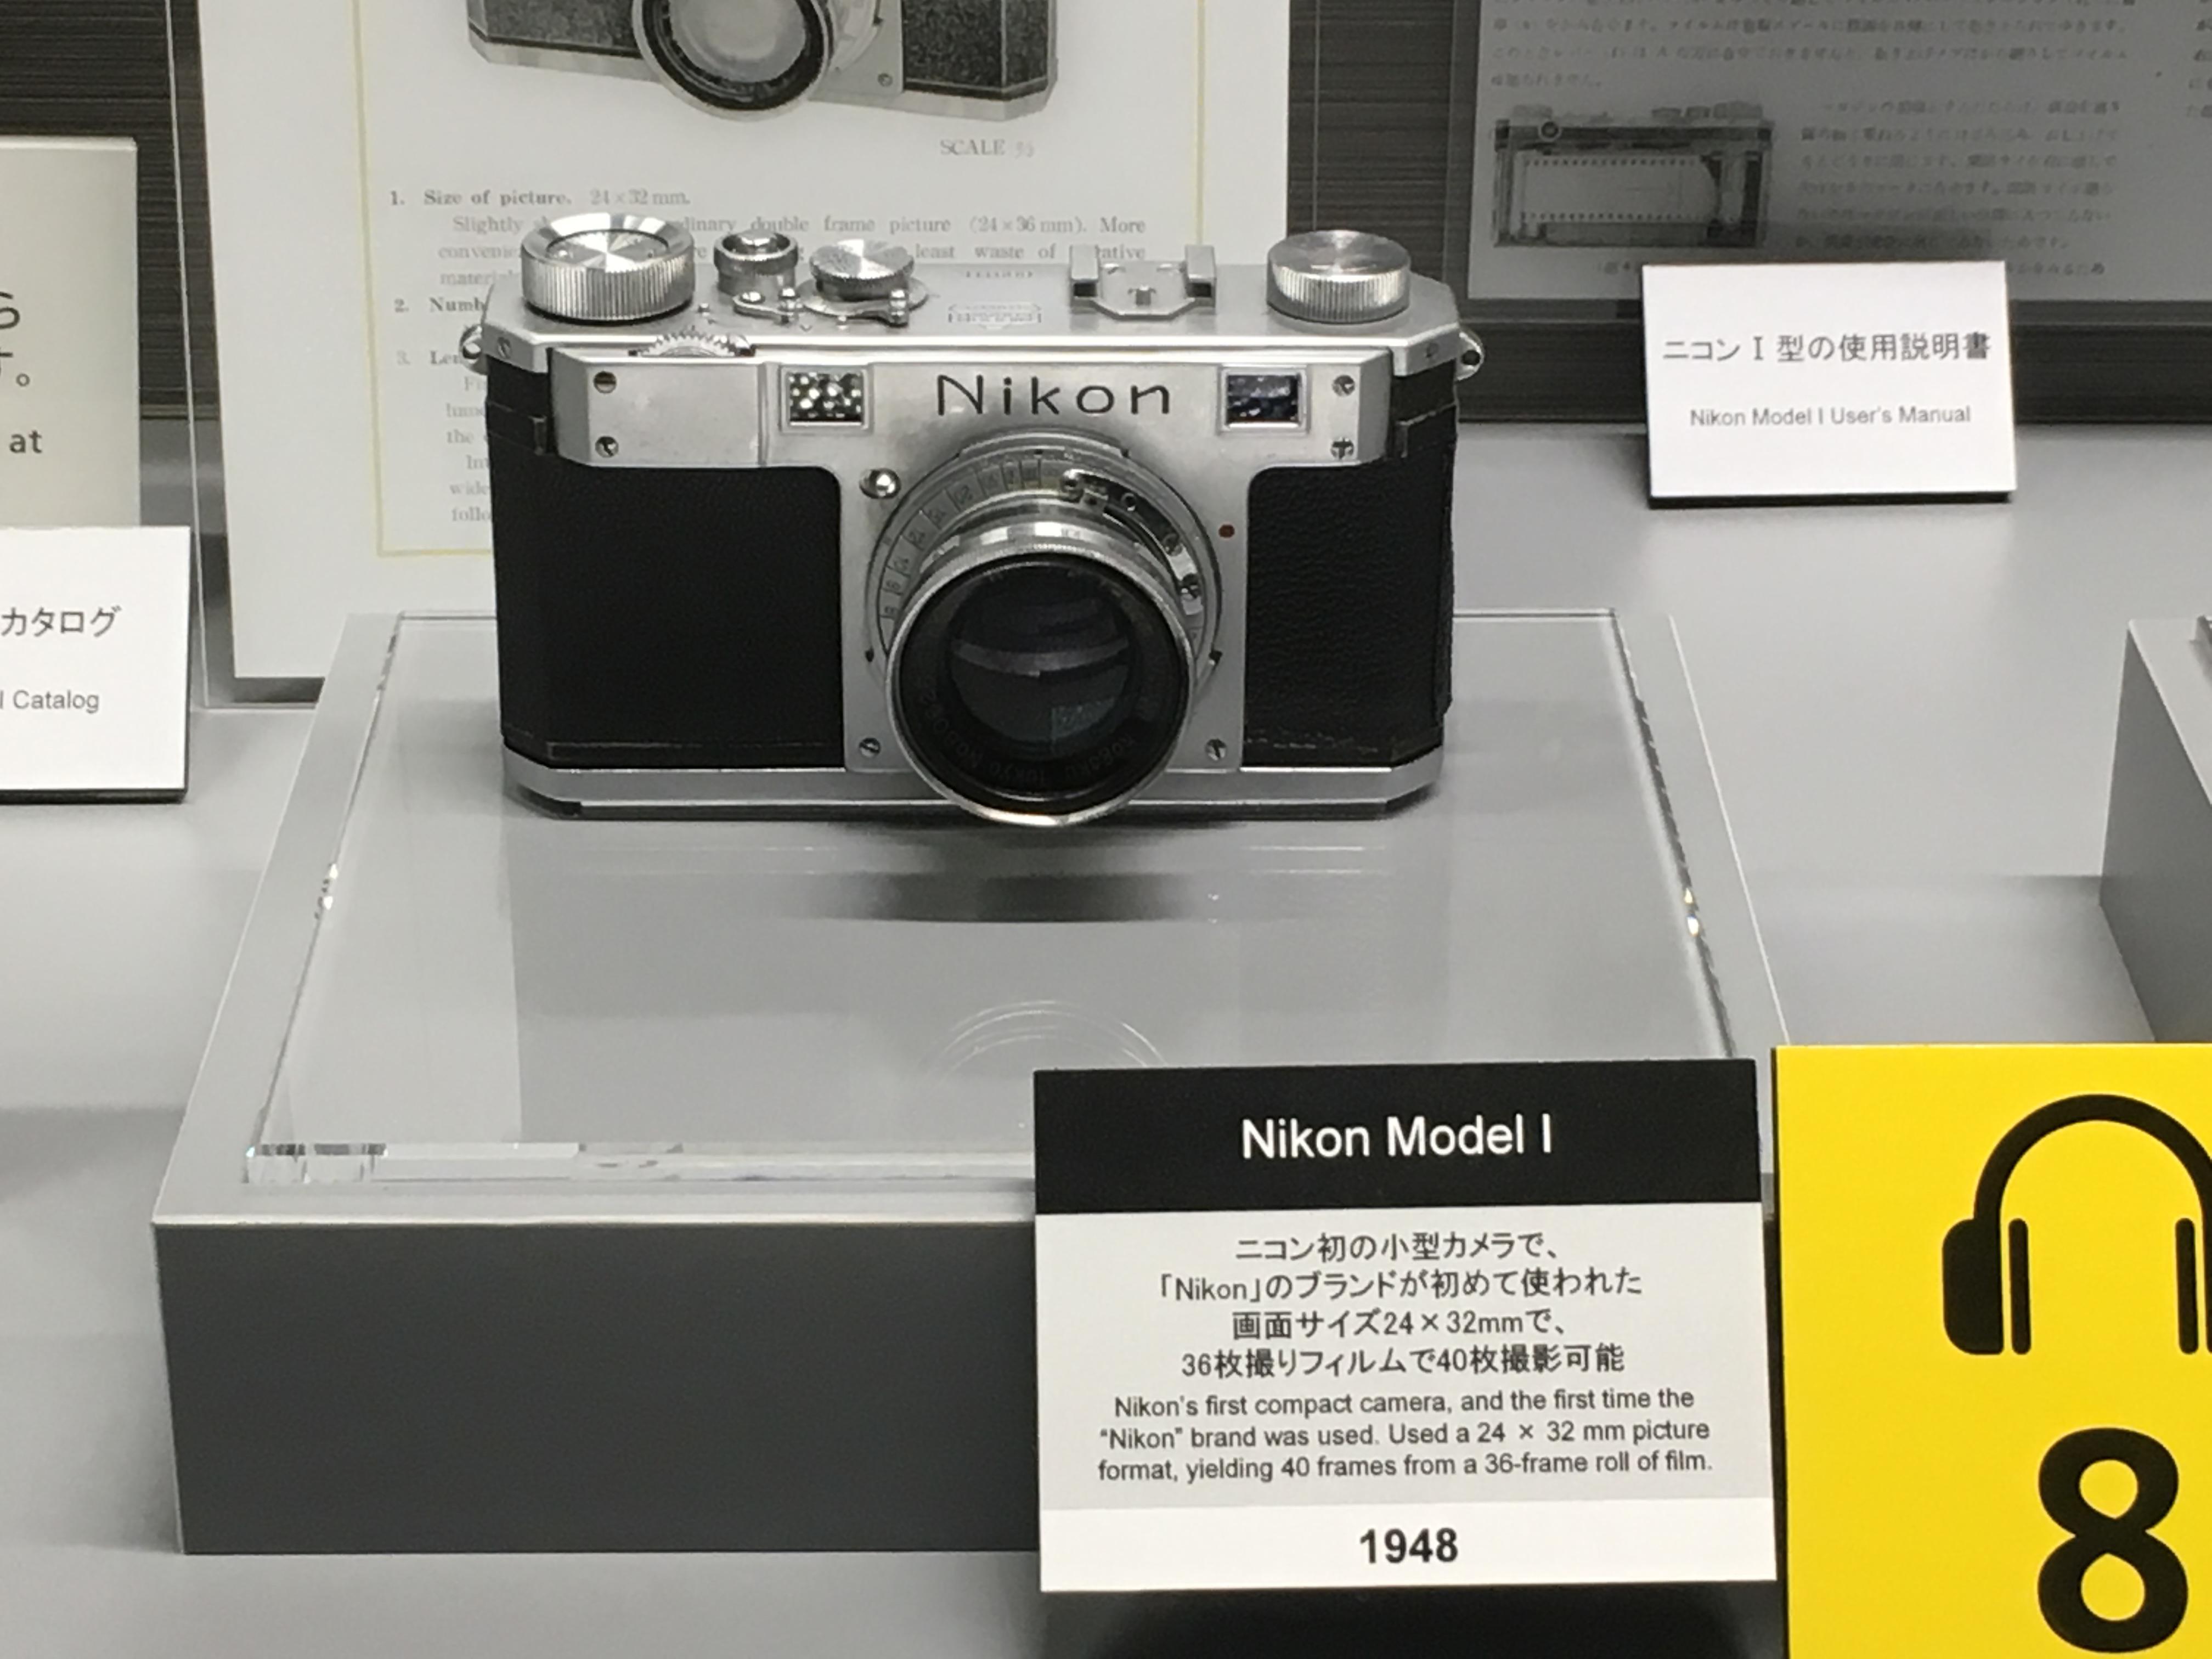 ちなみにこれがNikon 1型